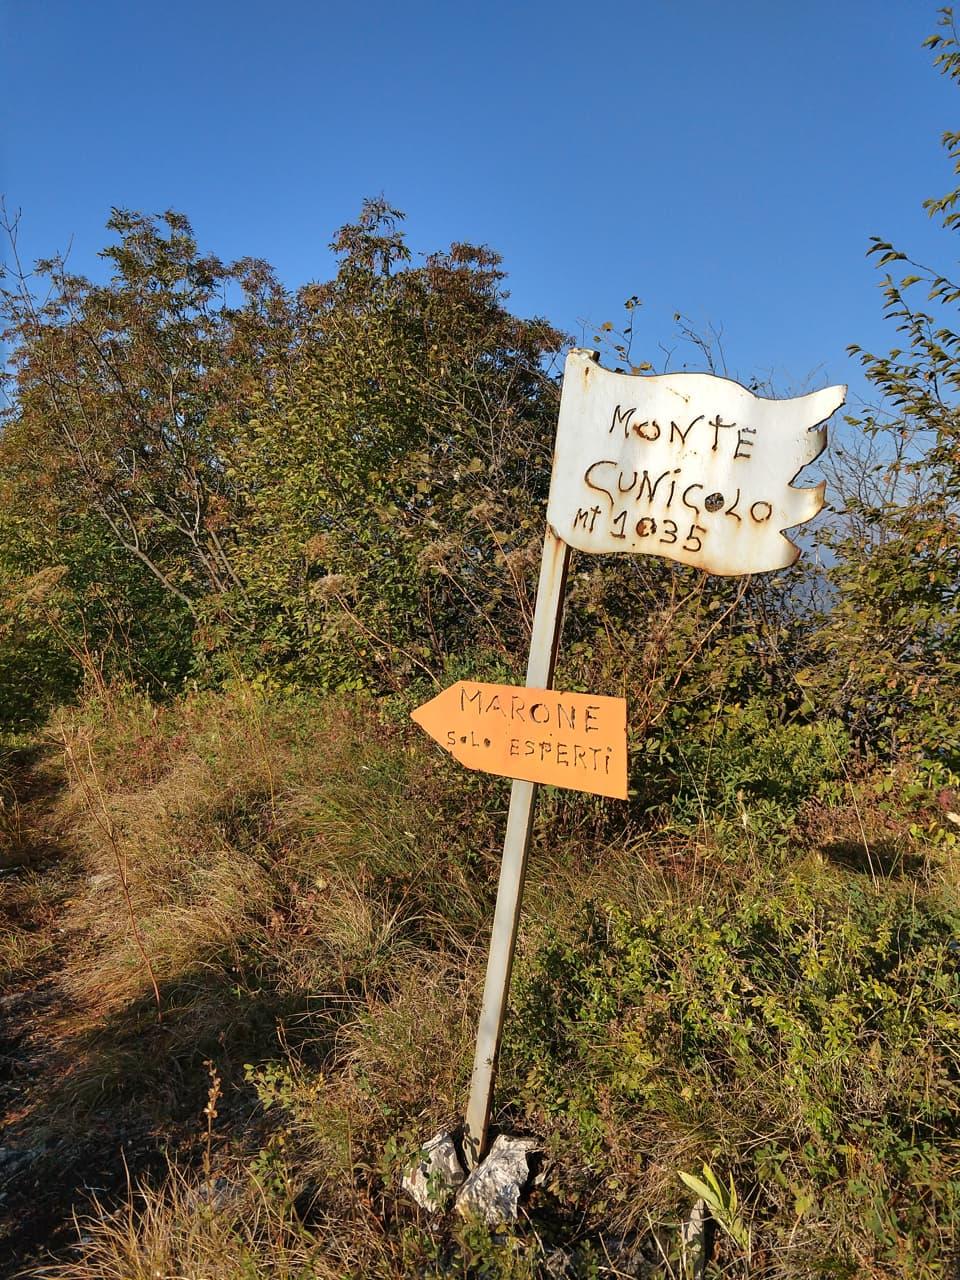 La cima del Cunicolo è circondata da vegetazione ma in questo caso la soddisfazione è proprio la salita